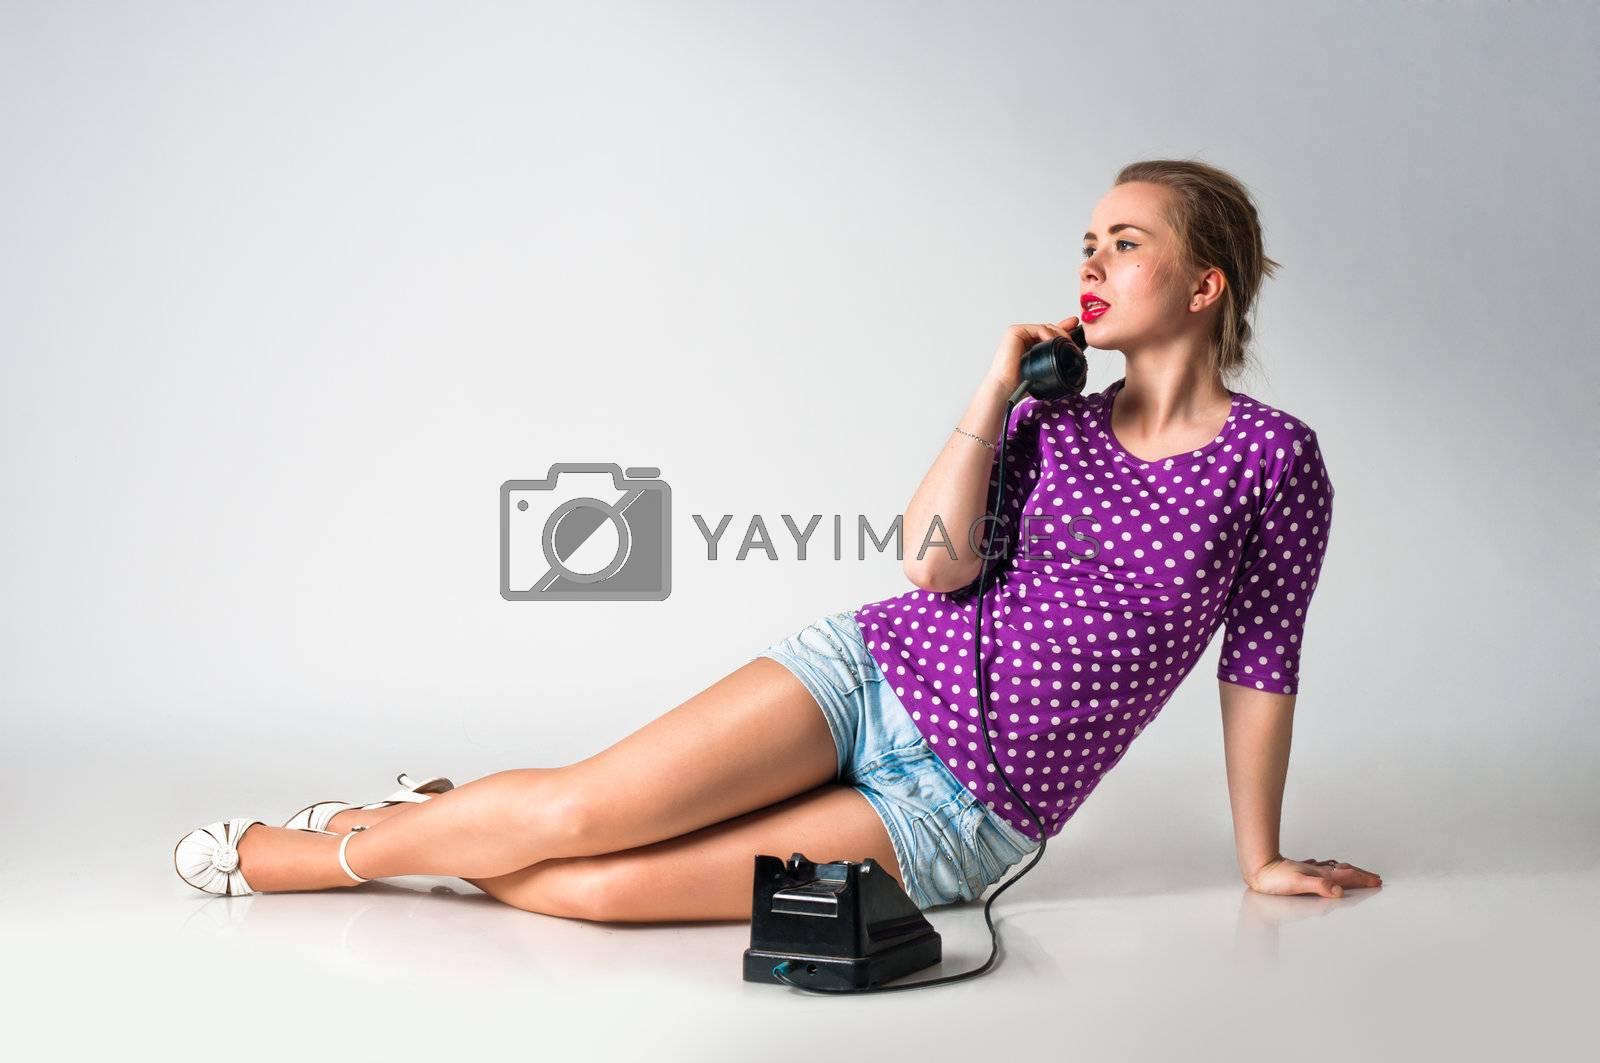 Pin up girl talking by vintage phone, studio shot